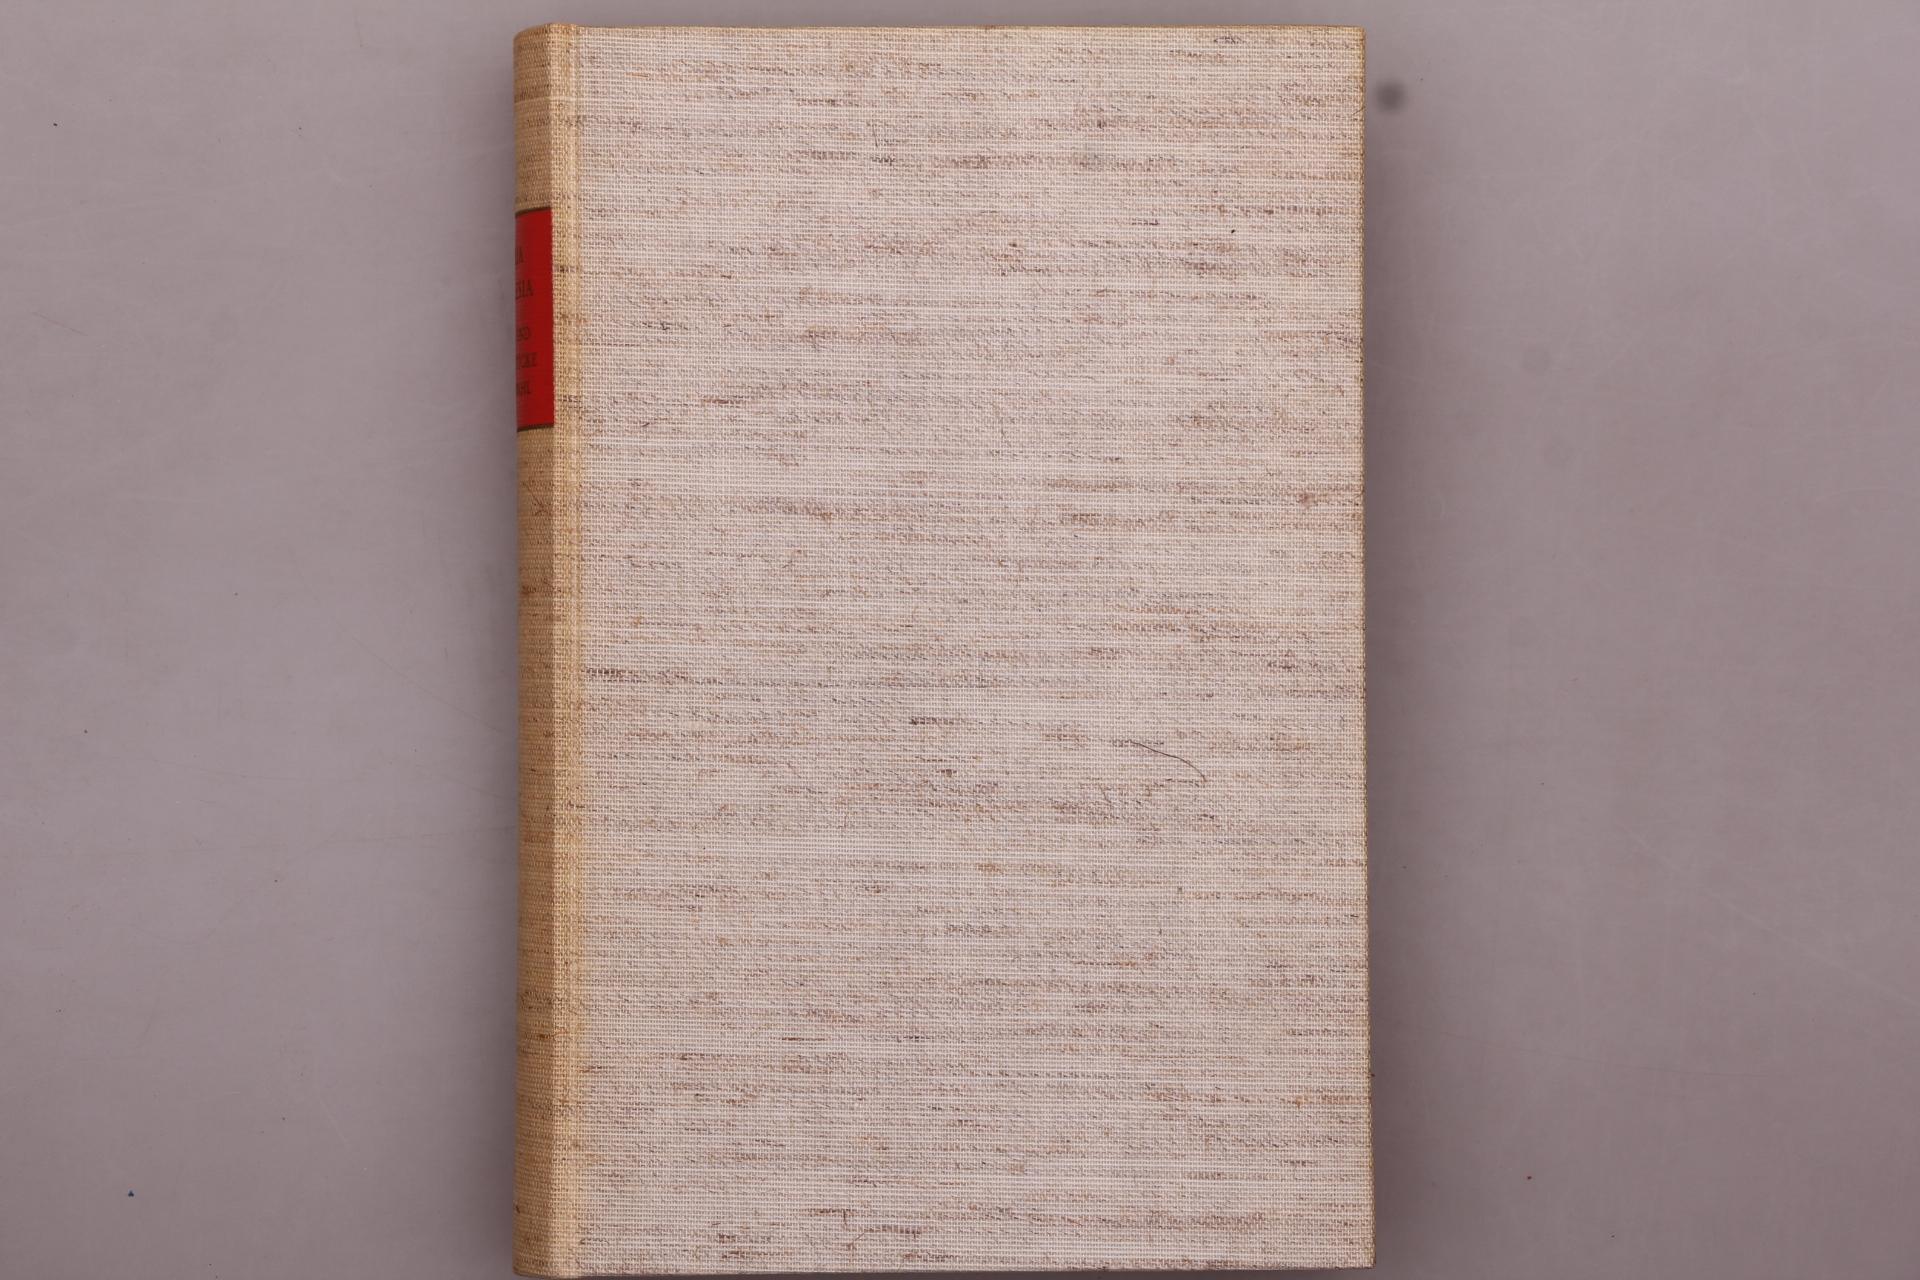 MARIA THERESIA BRIEFE UND AKTENSTÜCKE IN AUSWAHL. Freiherr vom Stein-Gedächtnisausgabe - Hrsg.]: Walter, Friedrich